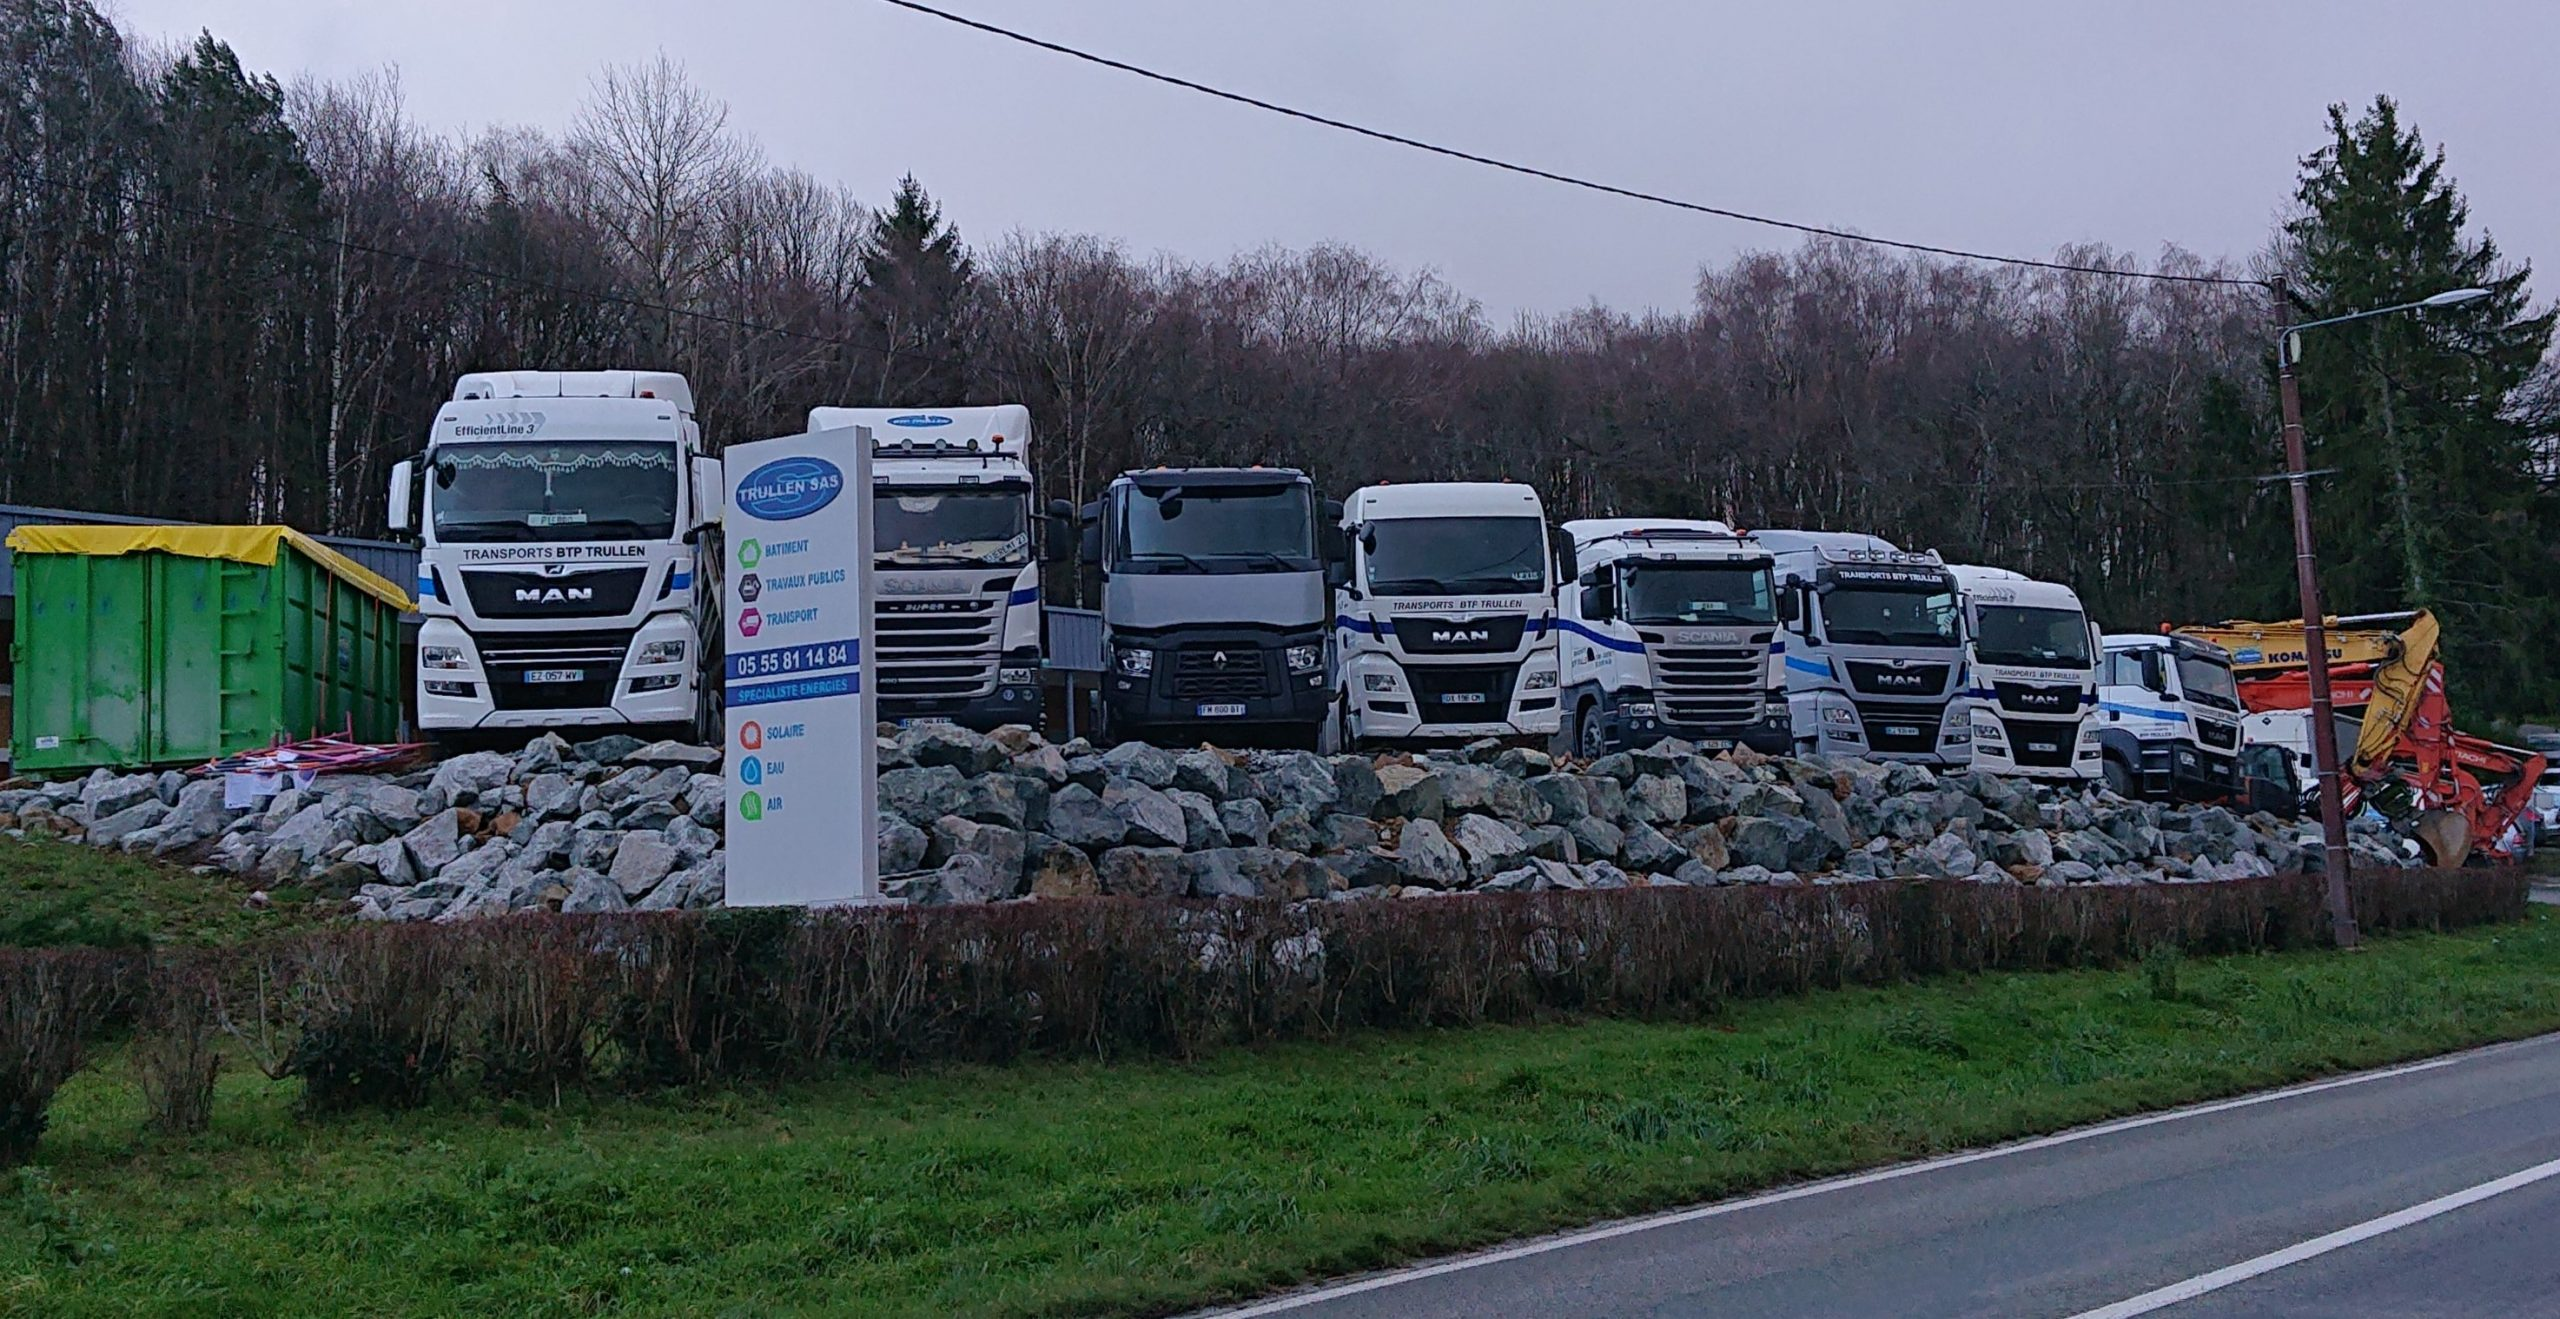 flotte de véhicule de transports en creuse guéret aubusson bonnat scaled - Galerie Transports